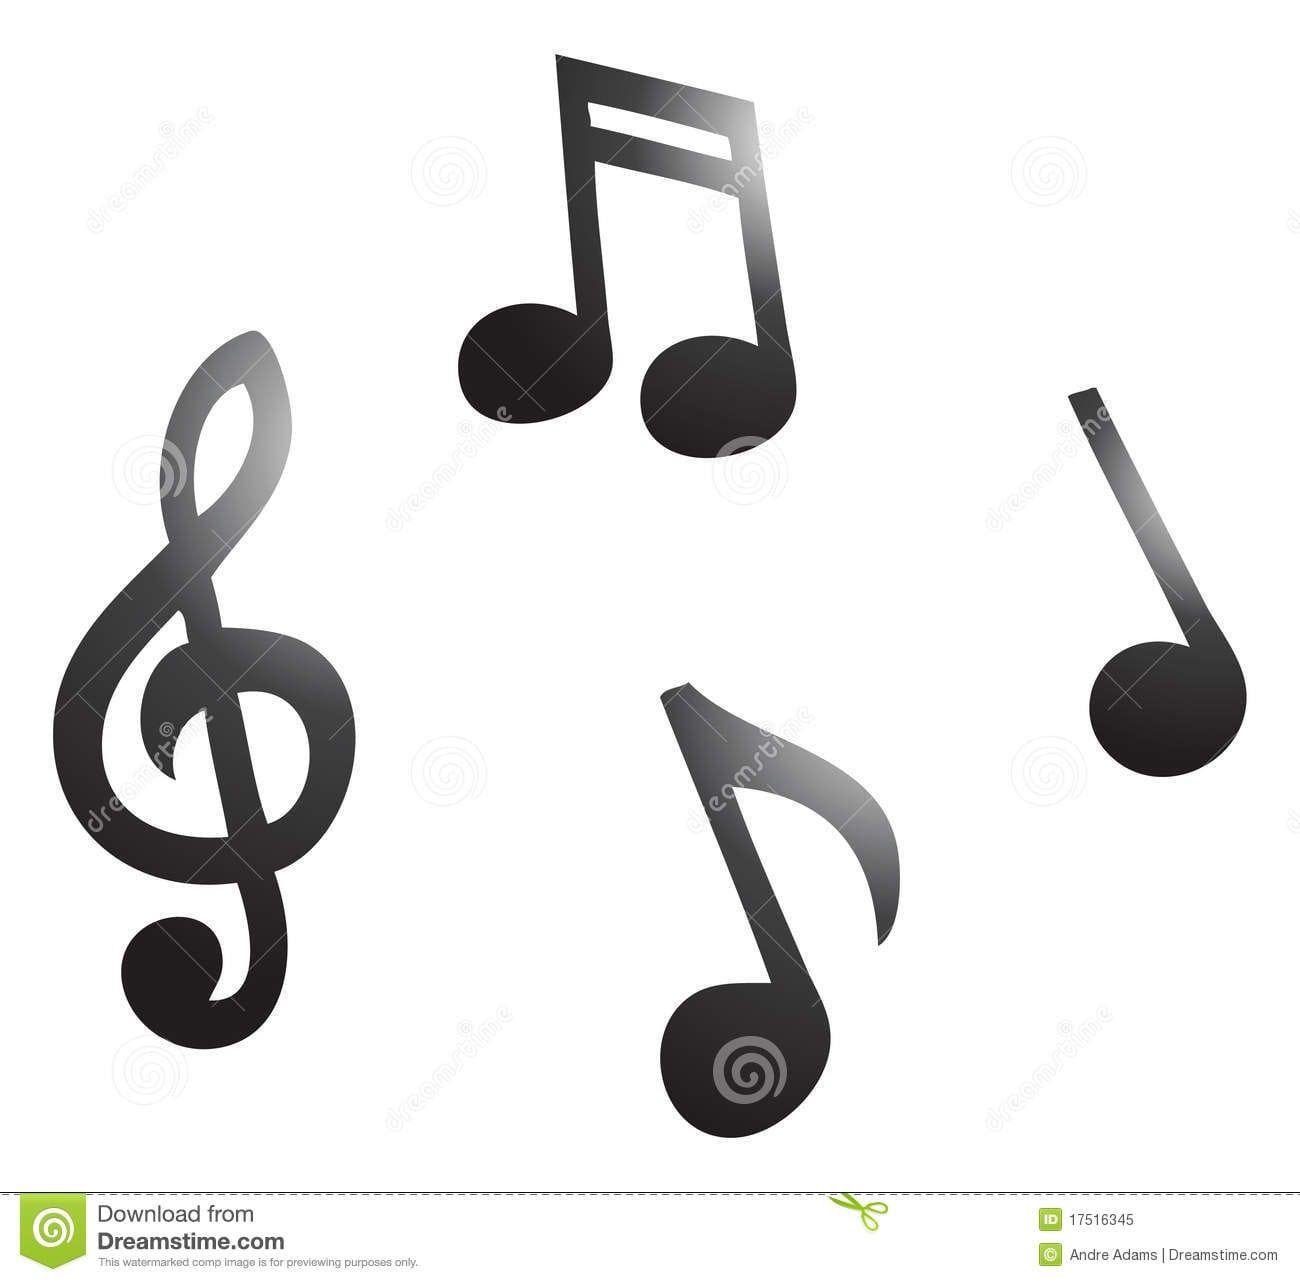 Imagens De Desenhos Notas Musicais Imprimir Desenhos Para Colorir